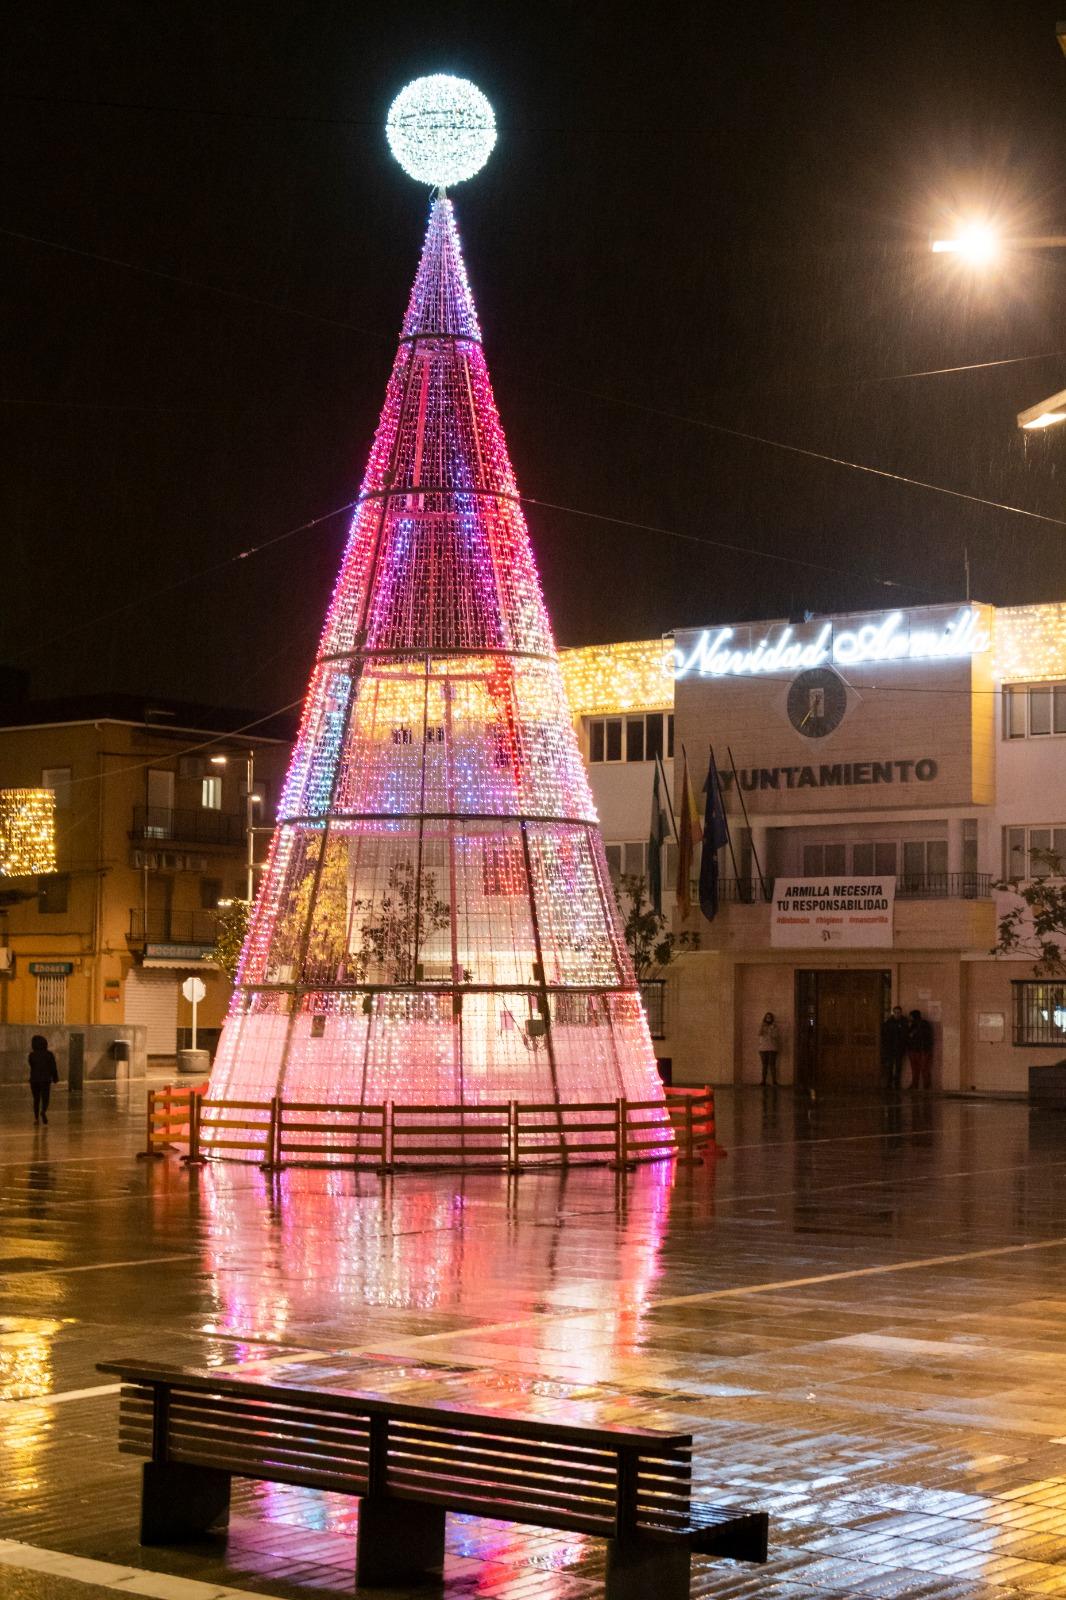 La alcaldesa y el personal del Centro de Salud encienden la iluminación navideña de Armilla